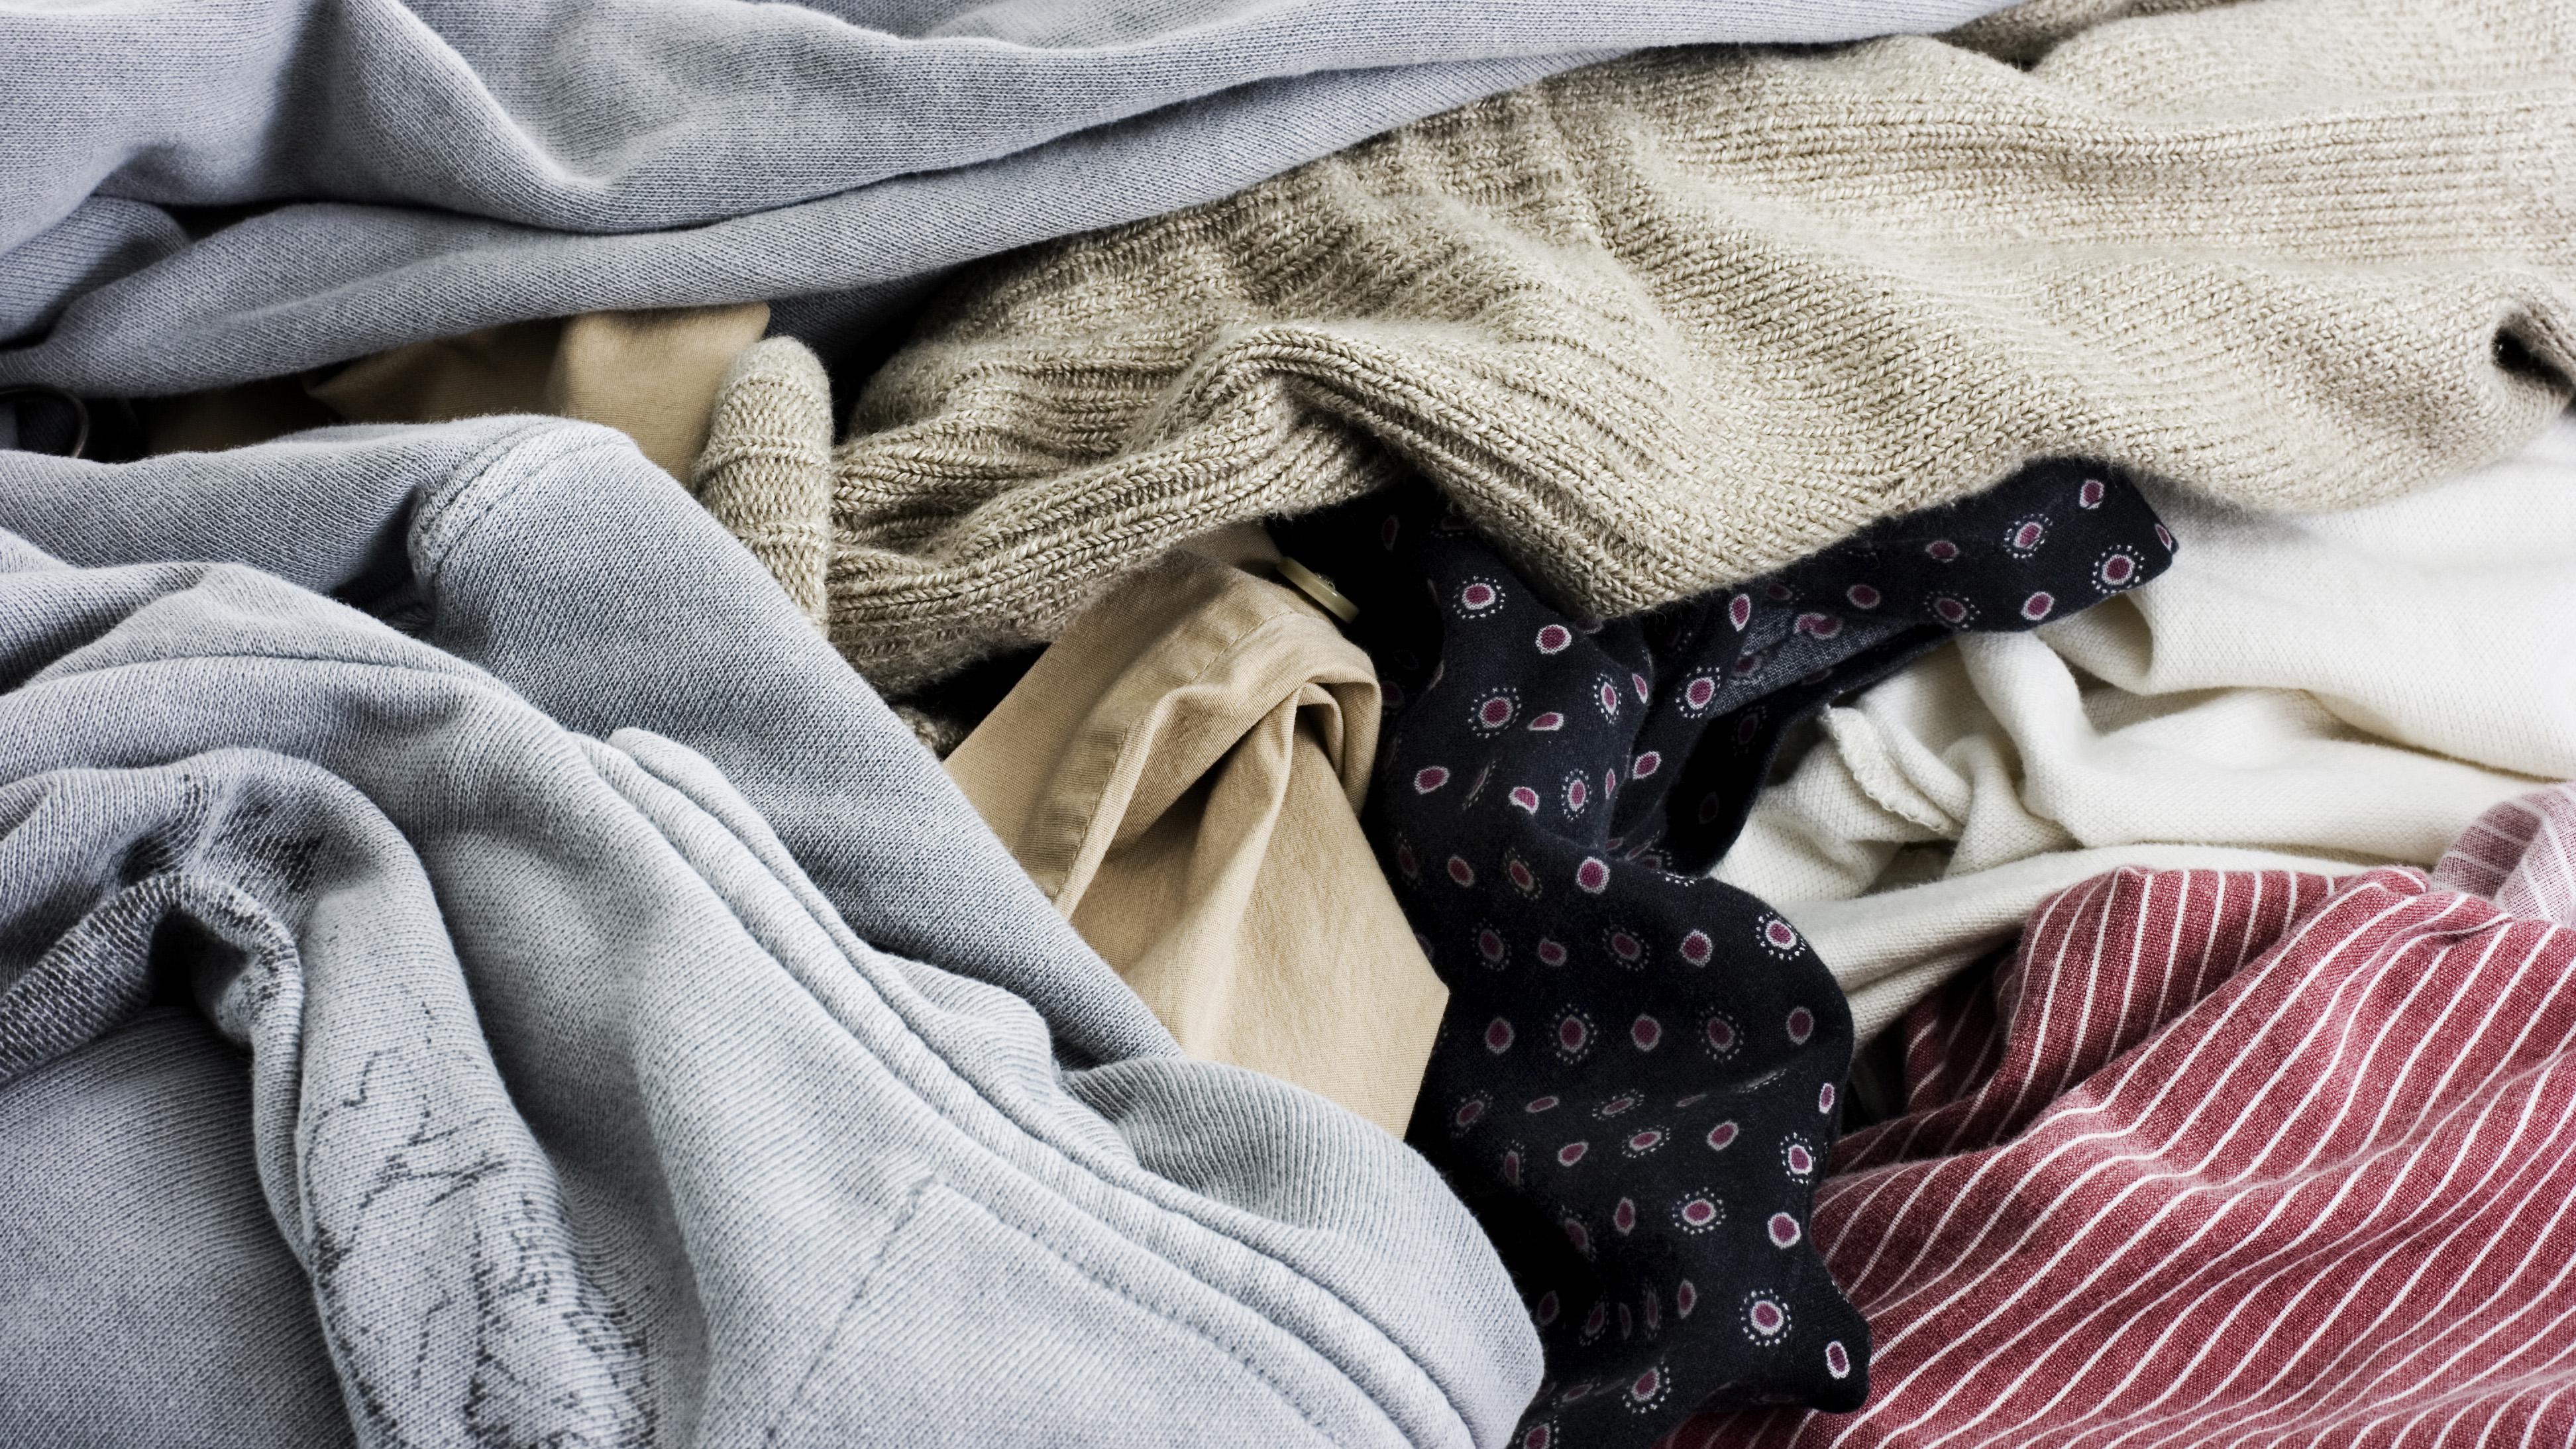 d16af56a4105 S touto recykláciou starého oblečenia ste sa určite stretli aj u vašej mamy  či babky. Osvojte si tento nápad na zužitkovanie starých textílií aj vy.